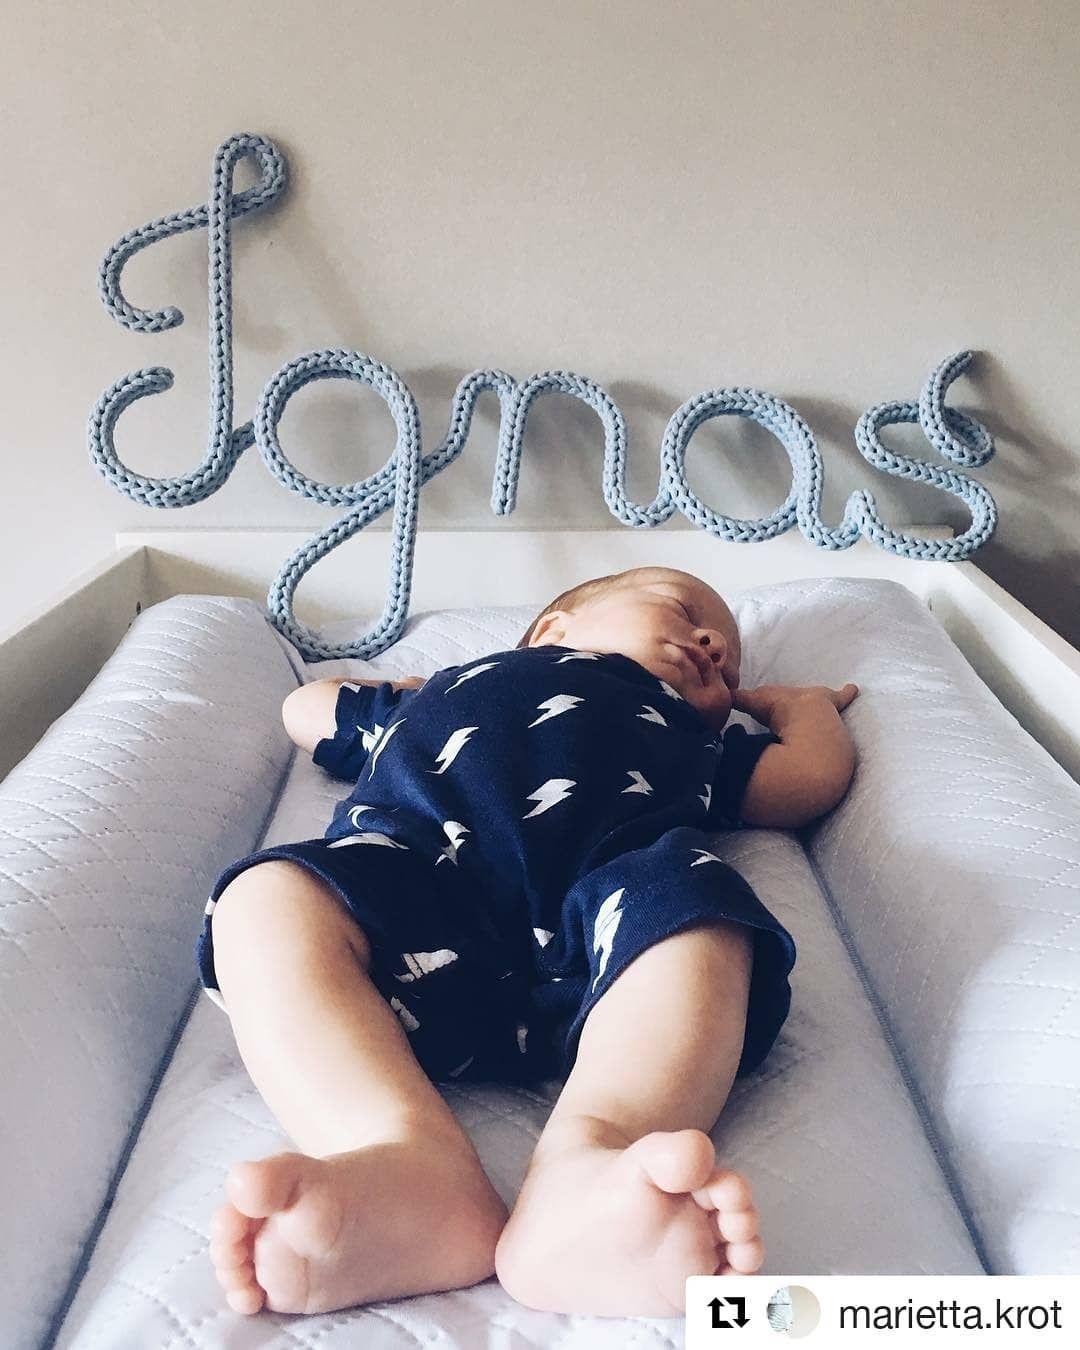 Ignas Mowi Dzien Dobry W Ten Upalny Poranek Przewijak Caro Premium Line To Piekno I Wygoda W Jednym Pikowane Wzornictwo Baby Onesies Bassinet Caro